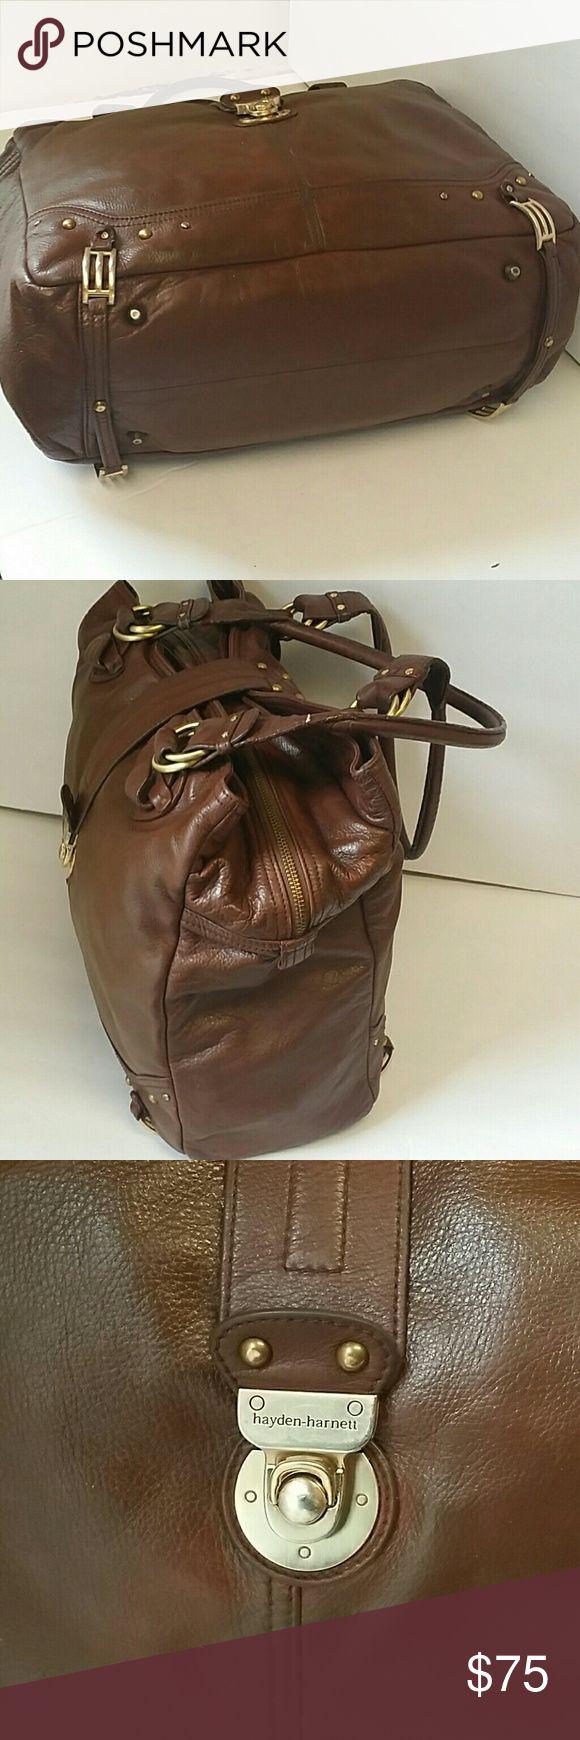 HAYDEN HARNETT HANDBAGS Women's Hayden Harnett handbags pre-owned Excellent condition HAYDEN HARNETT Bags Shoulder Bags